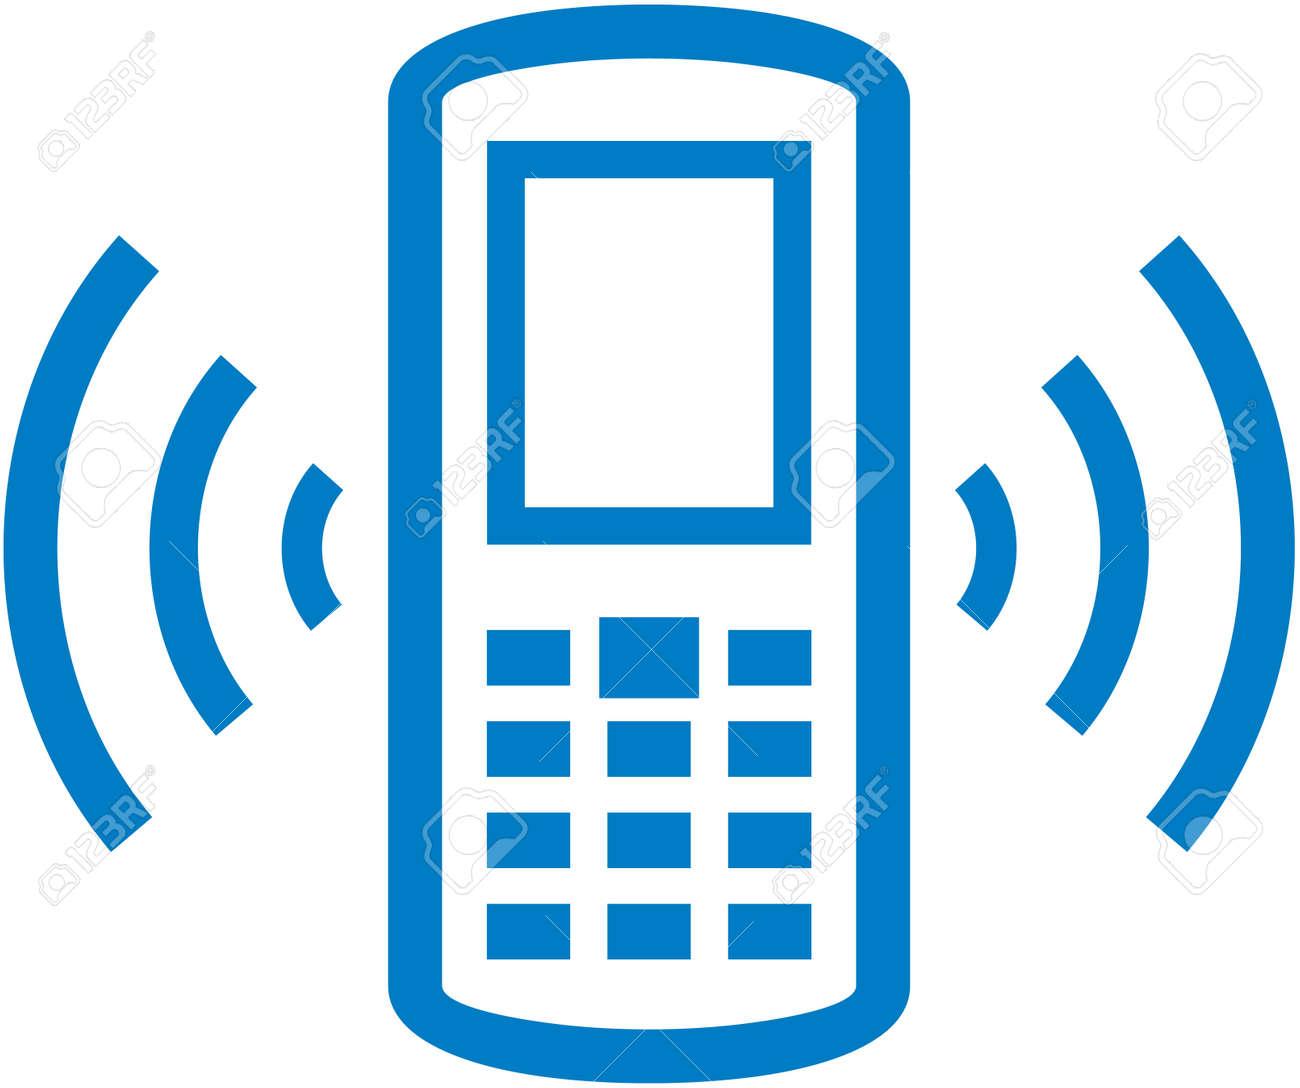 ベクトル鳴る携帯電話のイラスト ロイヤリティフリークリップアート